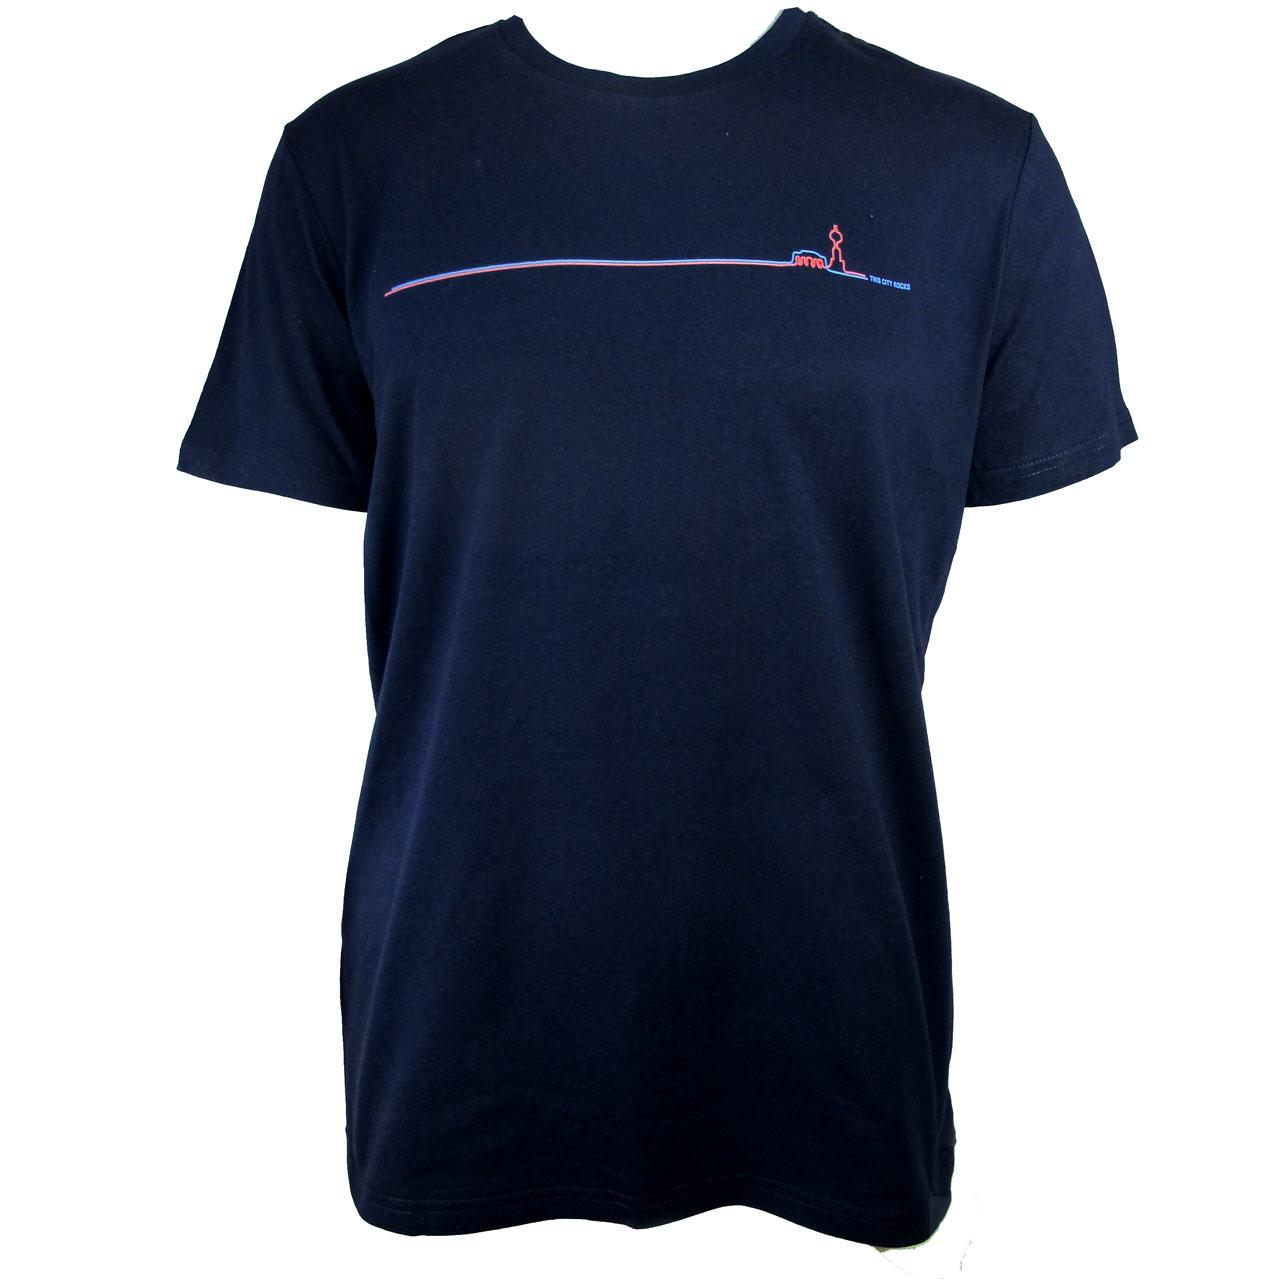 Berlin Design T-Shirt Fernsehturm /Brandenburger Tor blau